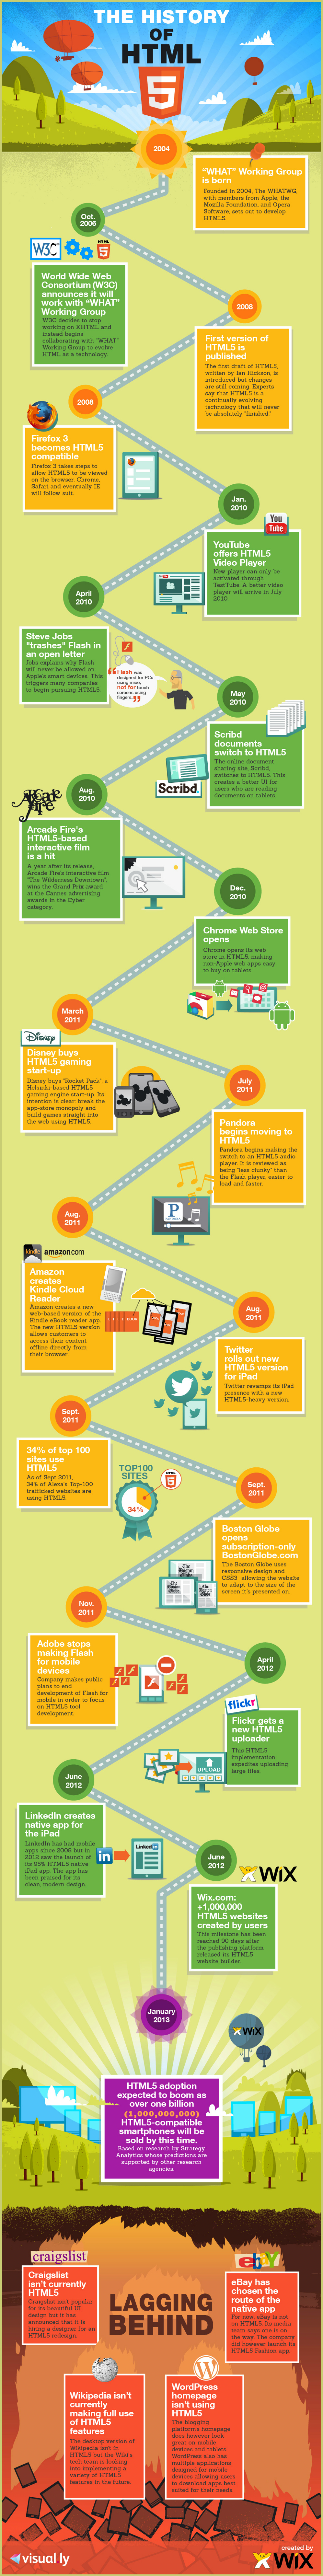 Storia di HTML5